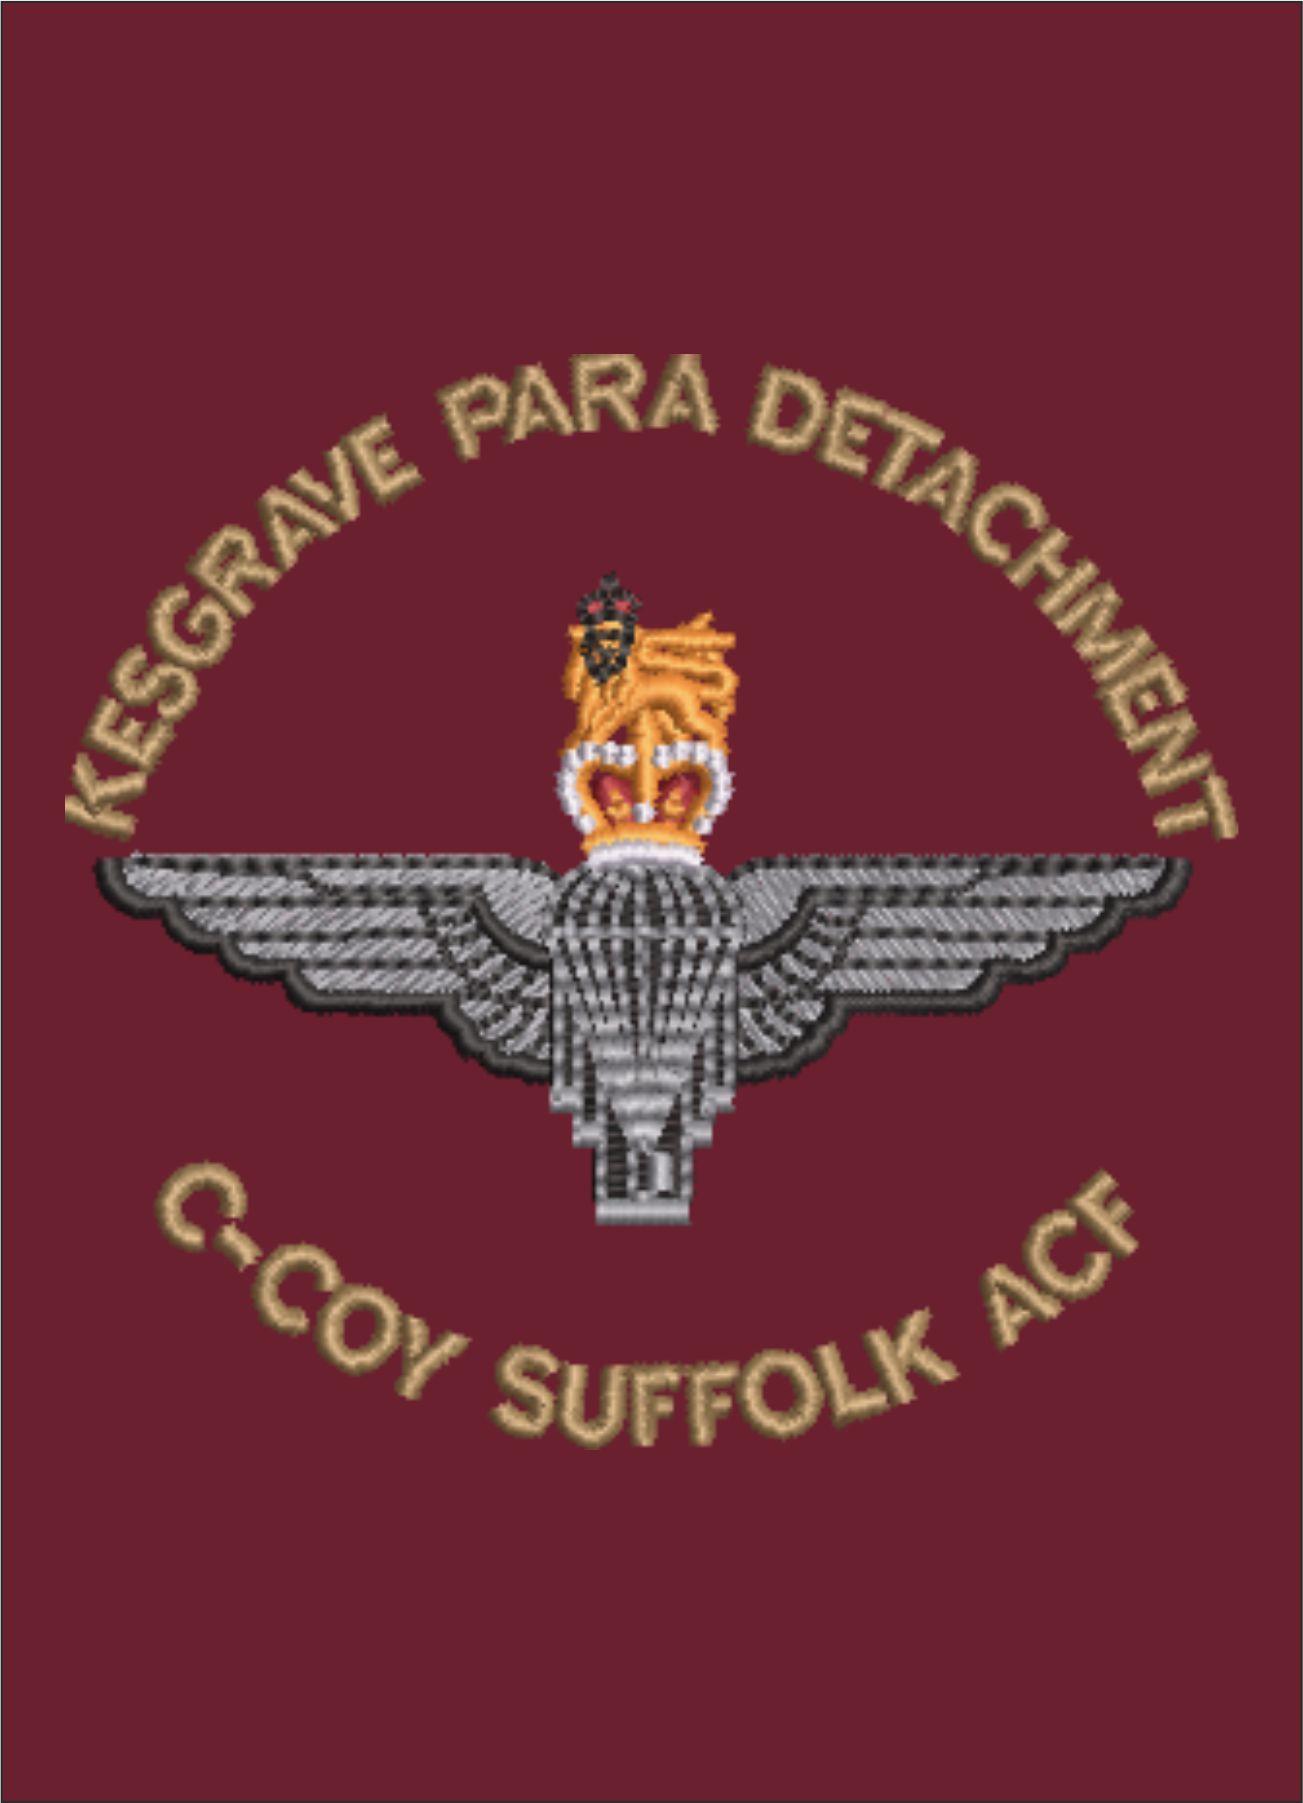 Kesgrave Para Detachment Logo